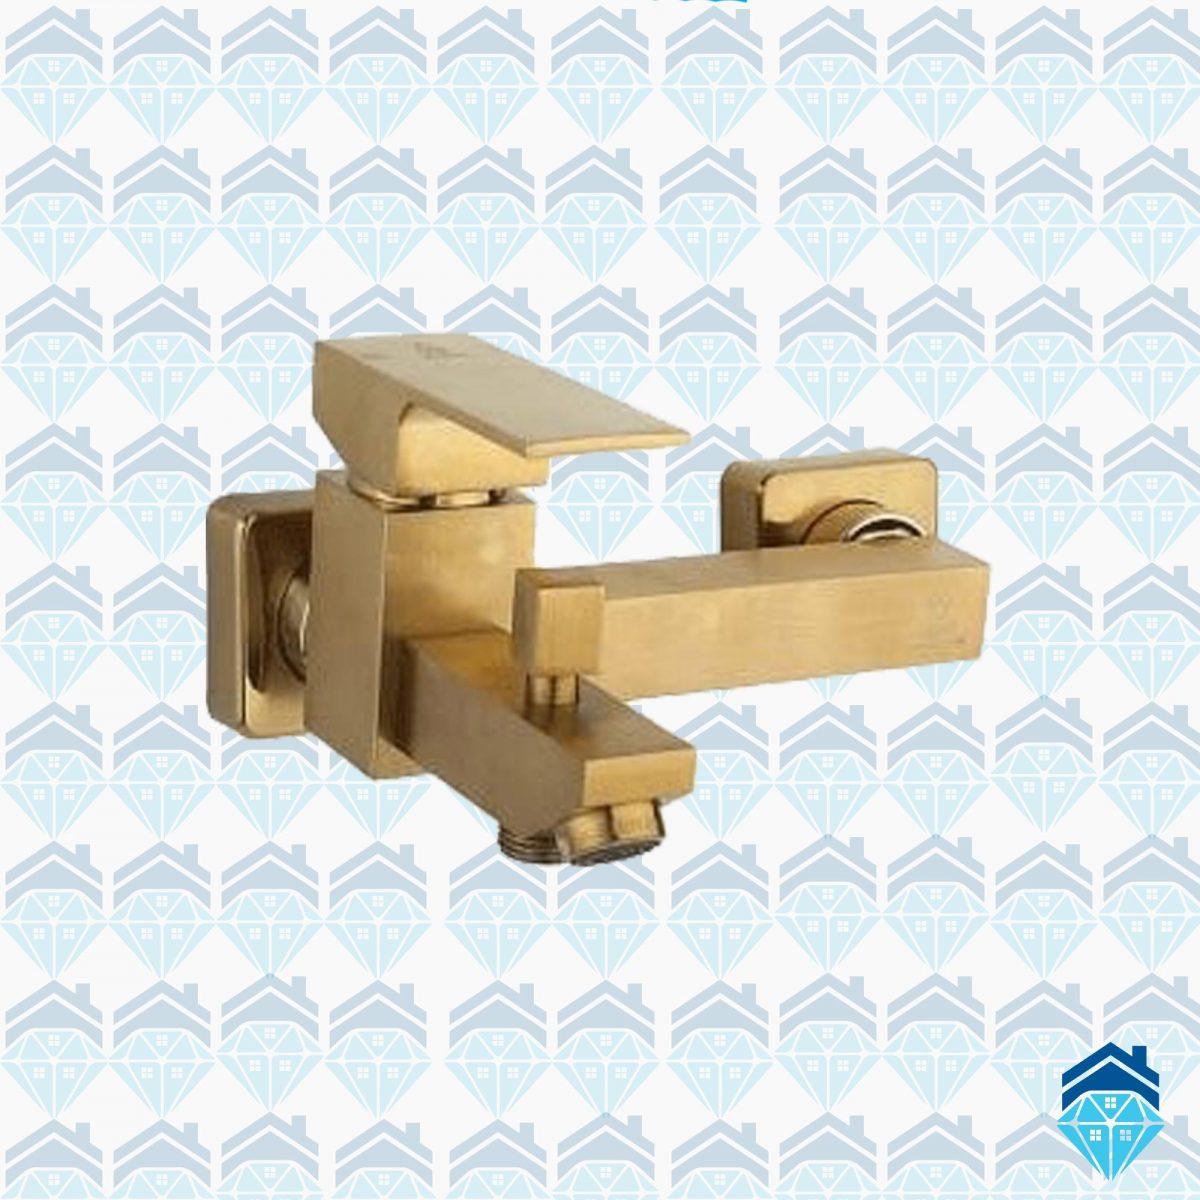 شیر حمام (دوش) کیان مدل عرشیا